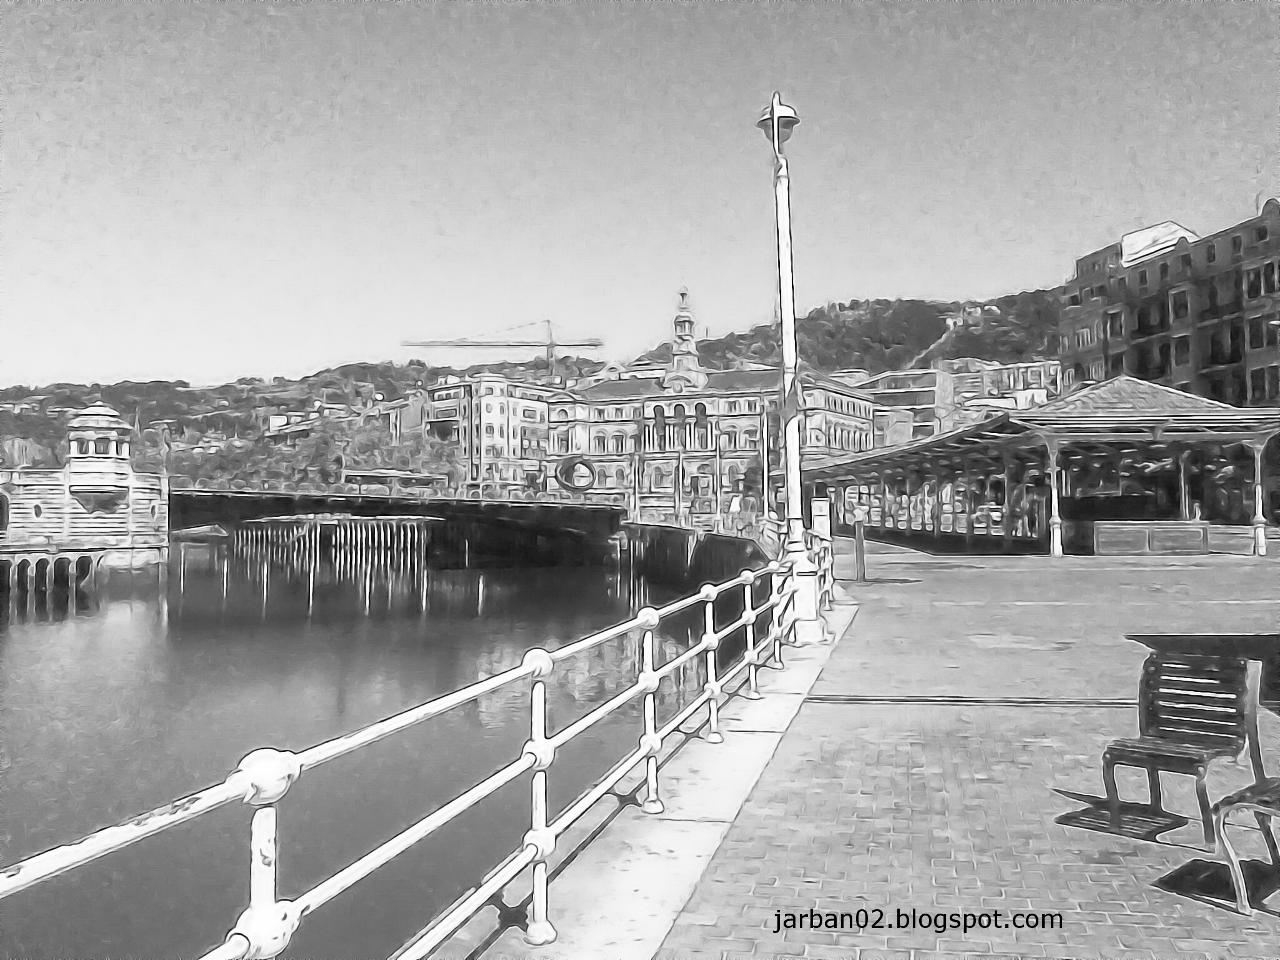 jarban02_pic052: Vista del Ayuntamiento de Bilbao desde el Paseo del Arenal